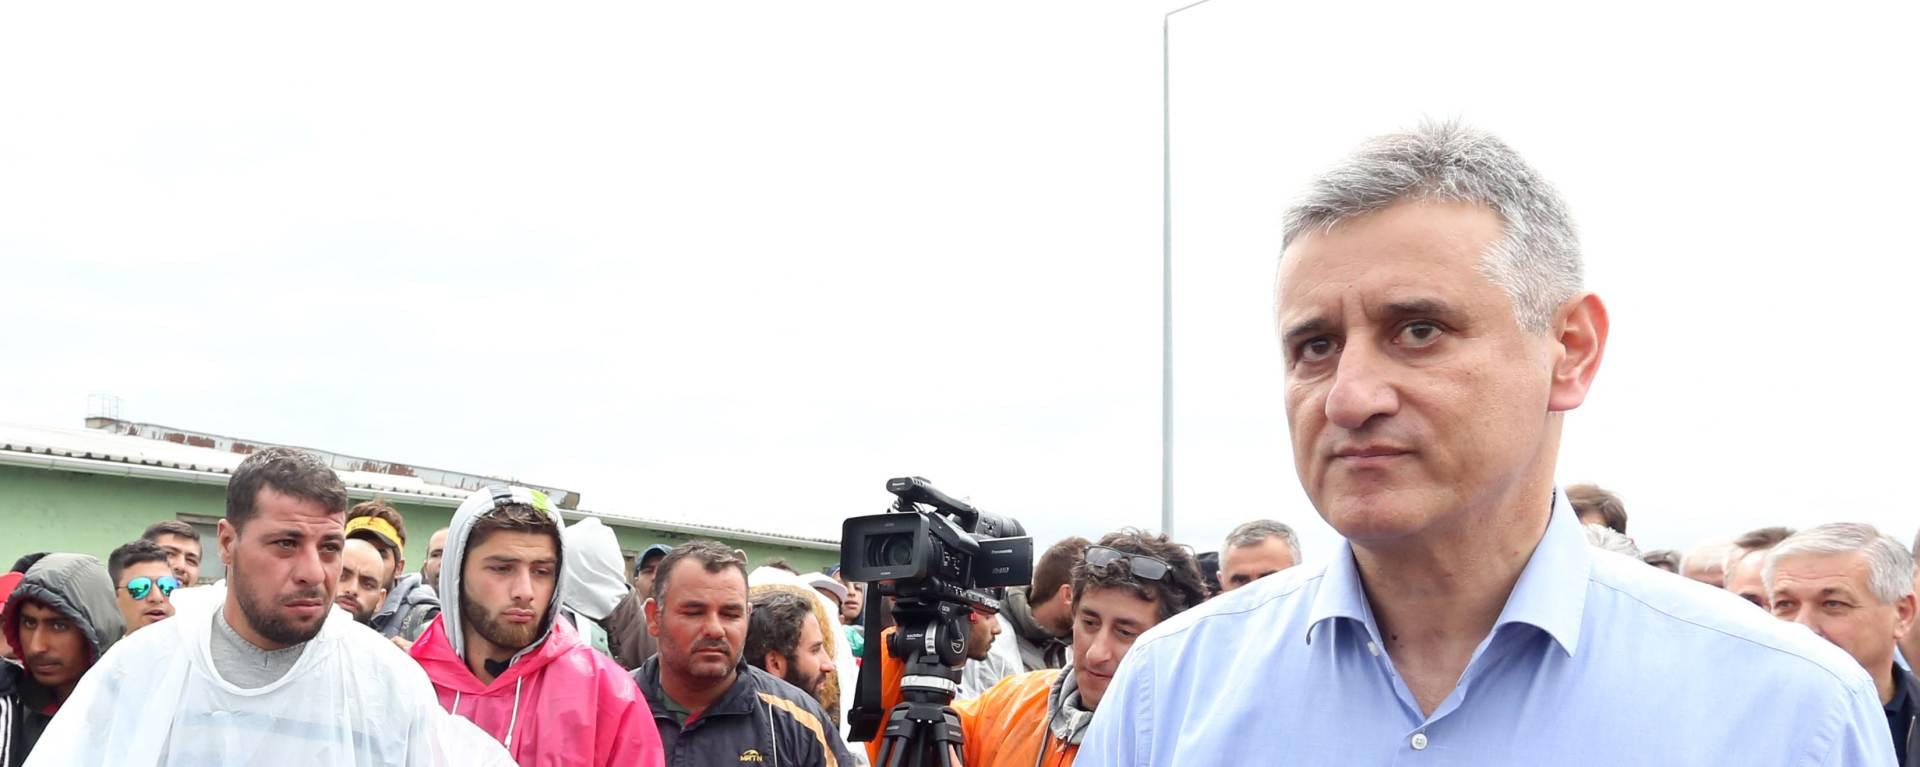 KARAMARKO POSJETIO IZBJEGLICE I ZAKLJUČIO: Vlada otvorila granice Balkanu, a zatvorila EU